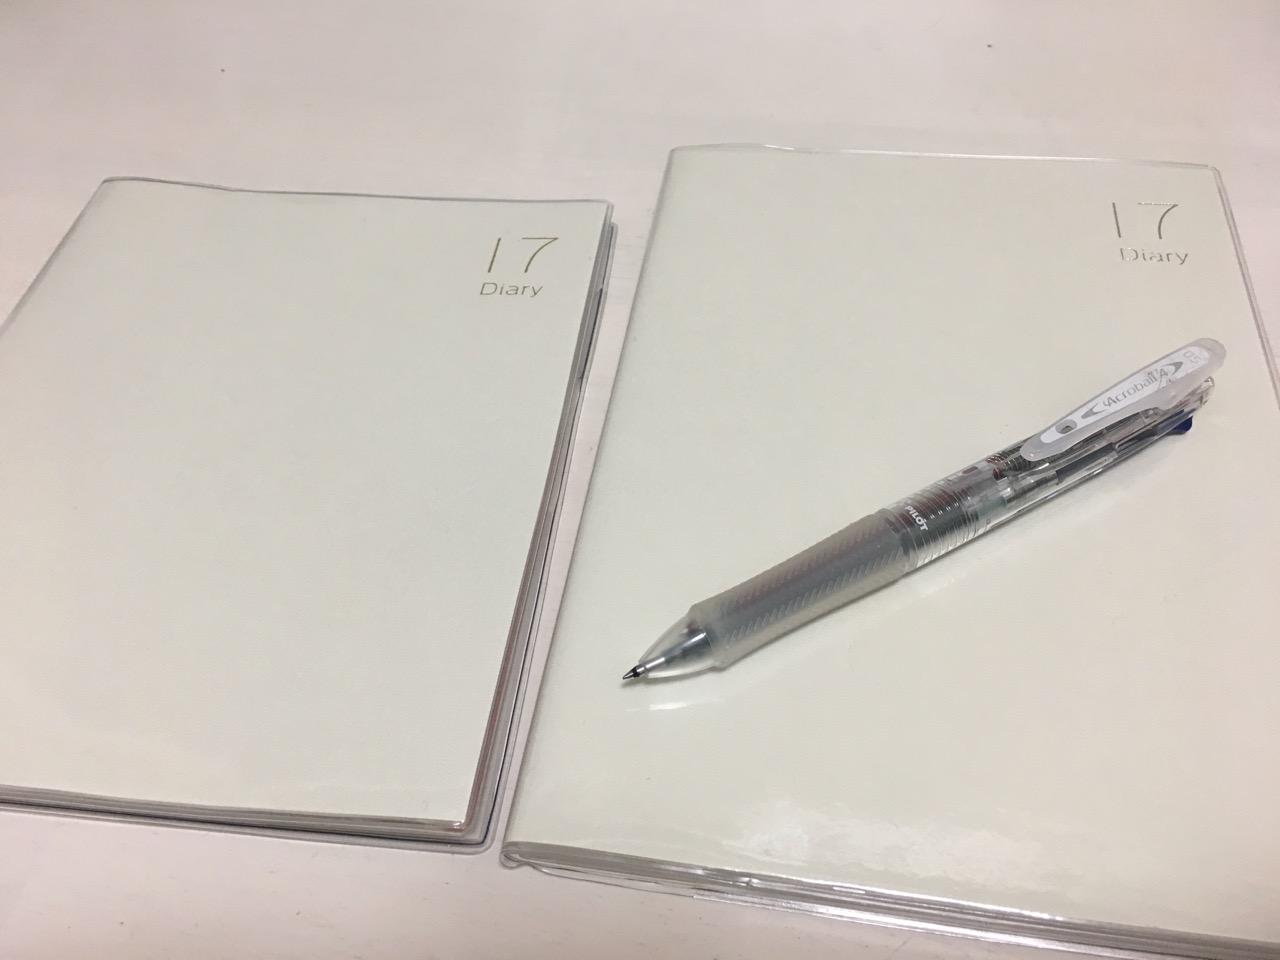 ACTIO手帳シンキングとリプレ